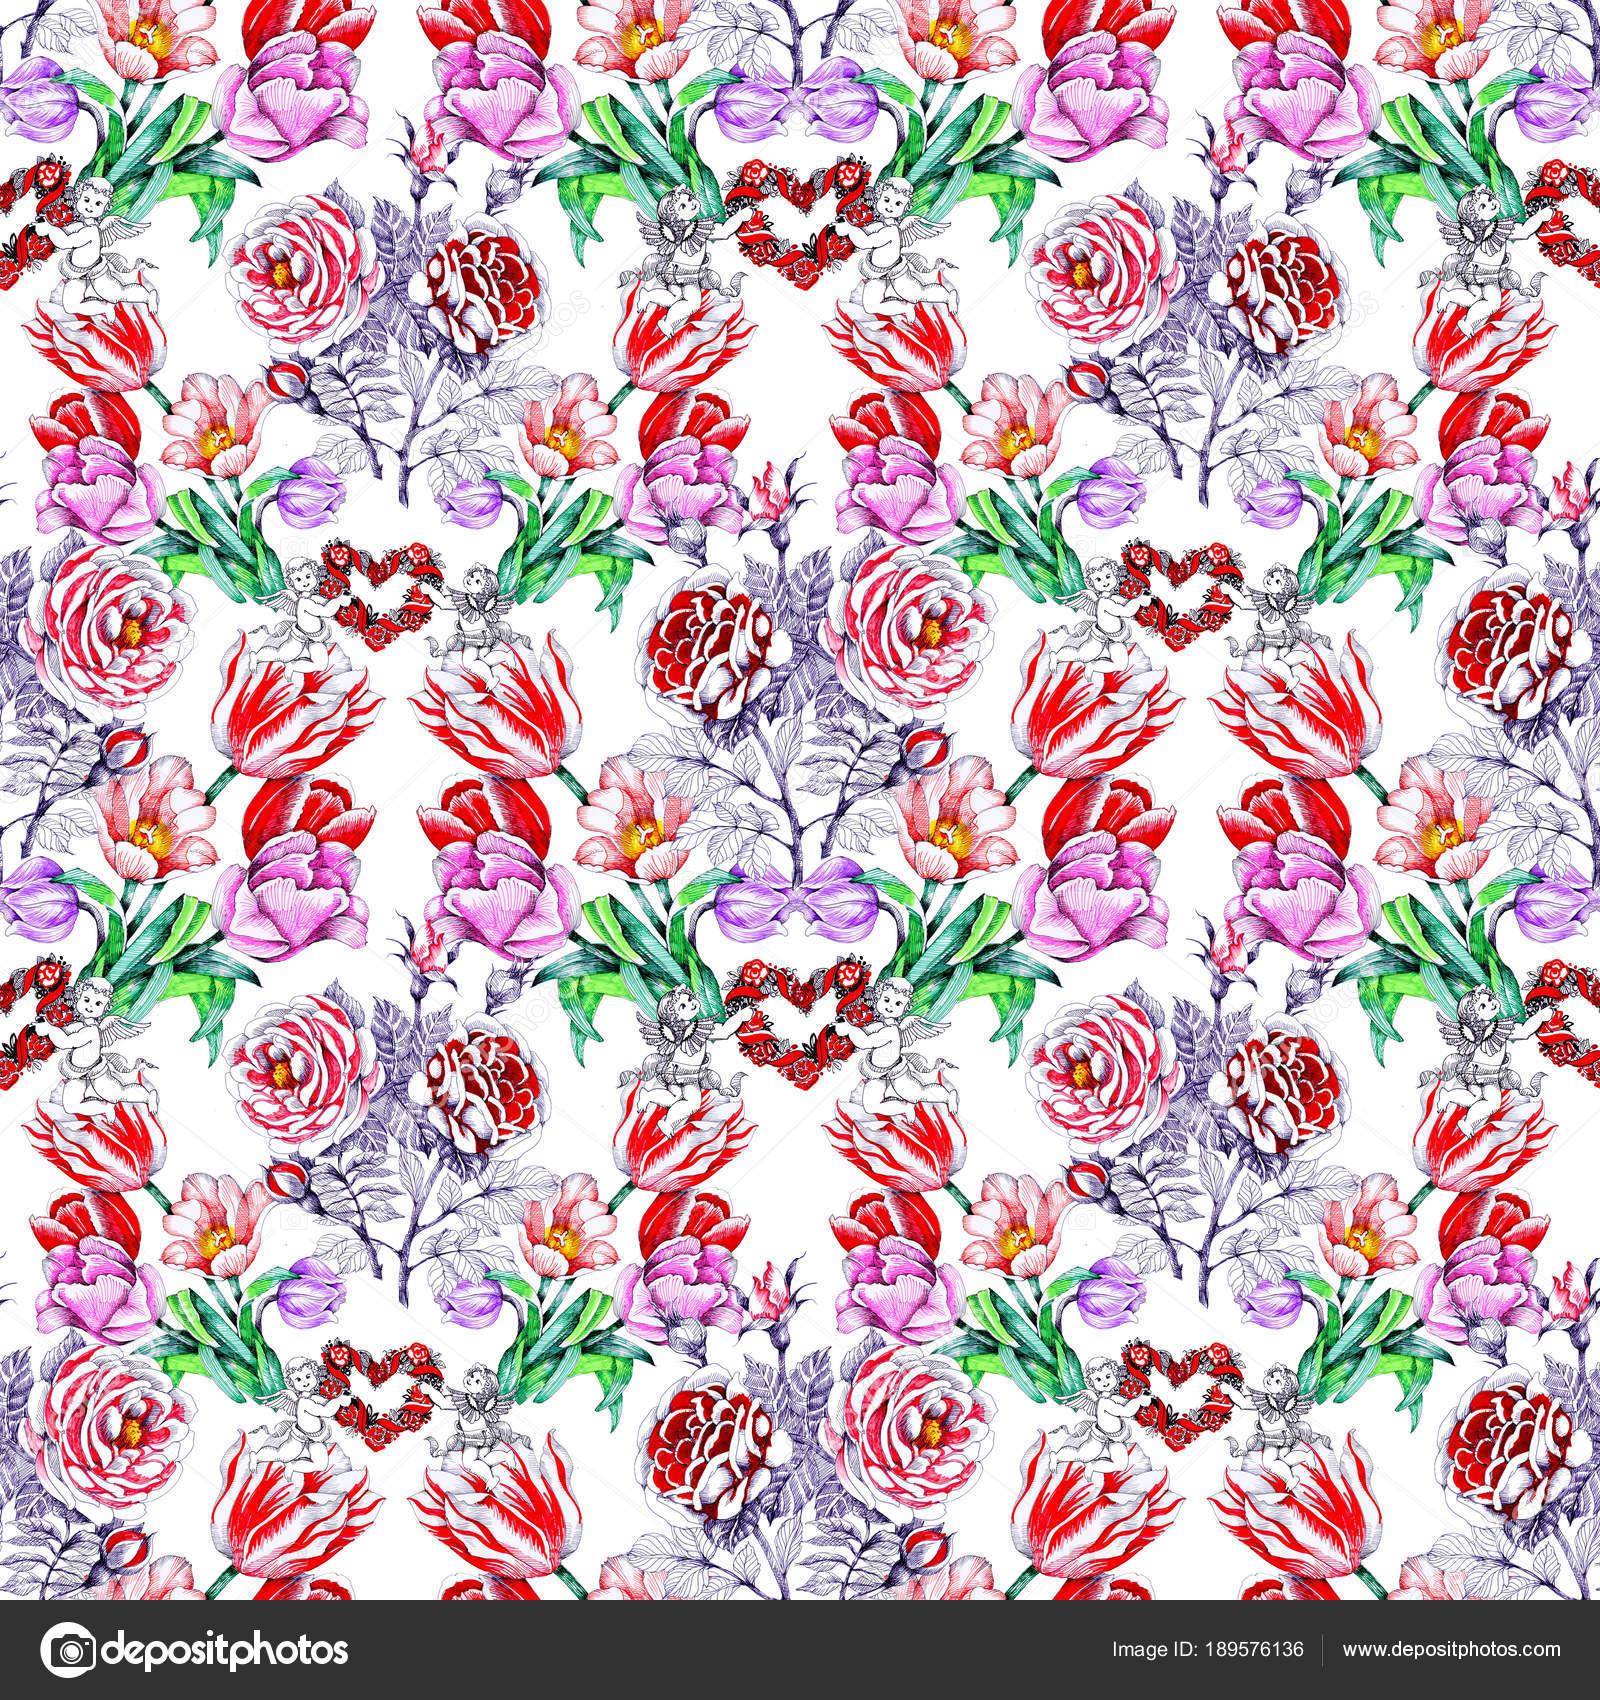 Angeles Tiernos Para Dibujar Patrón Con Hermosas Flores Coloridas